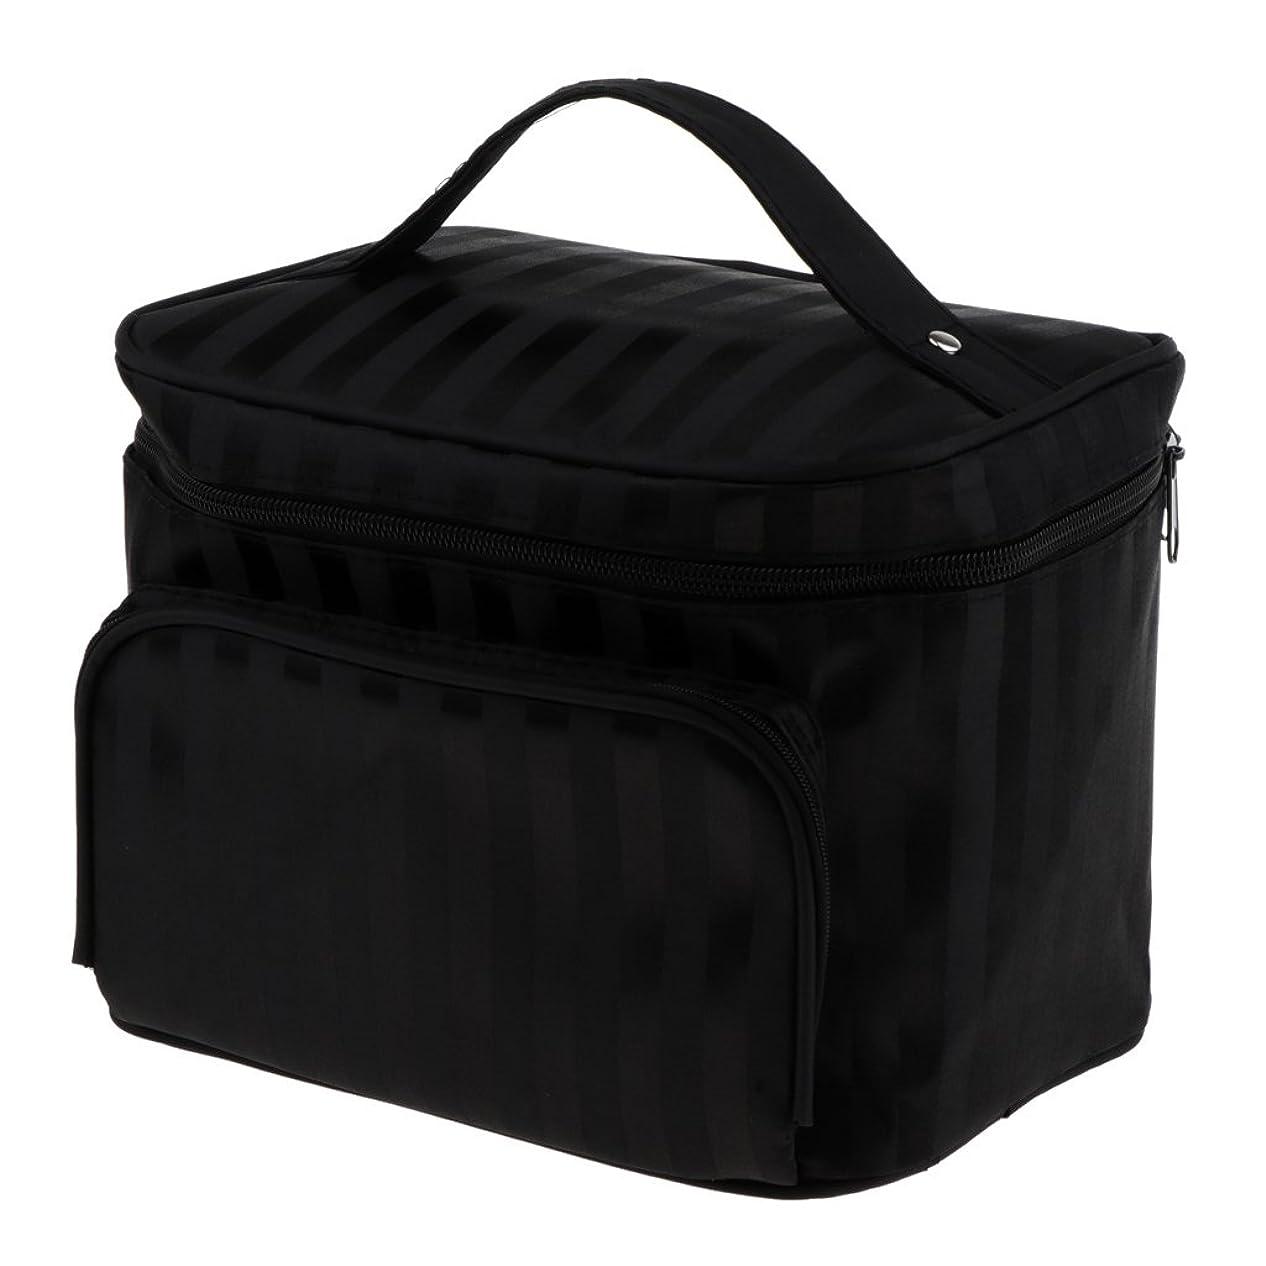 履歴書時代台無しにPerfk メイクアップバッグ 化粧品バッグ 化粧品 コスメ メイクアップ 収納 防水 耐摩耗 旅行用 バッグ メイクボックス 化粧ポーチ 5色選べる - ブラック